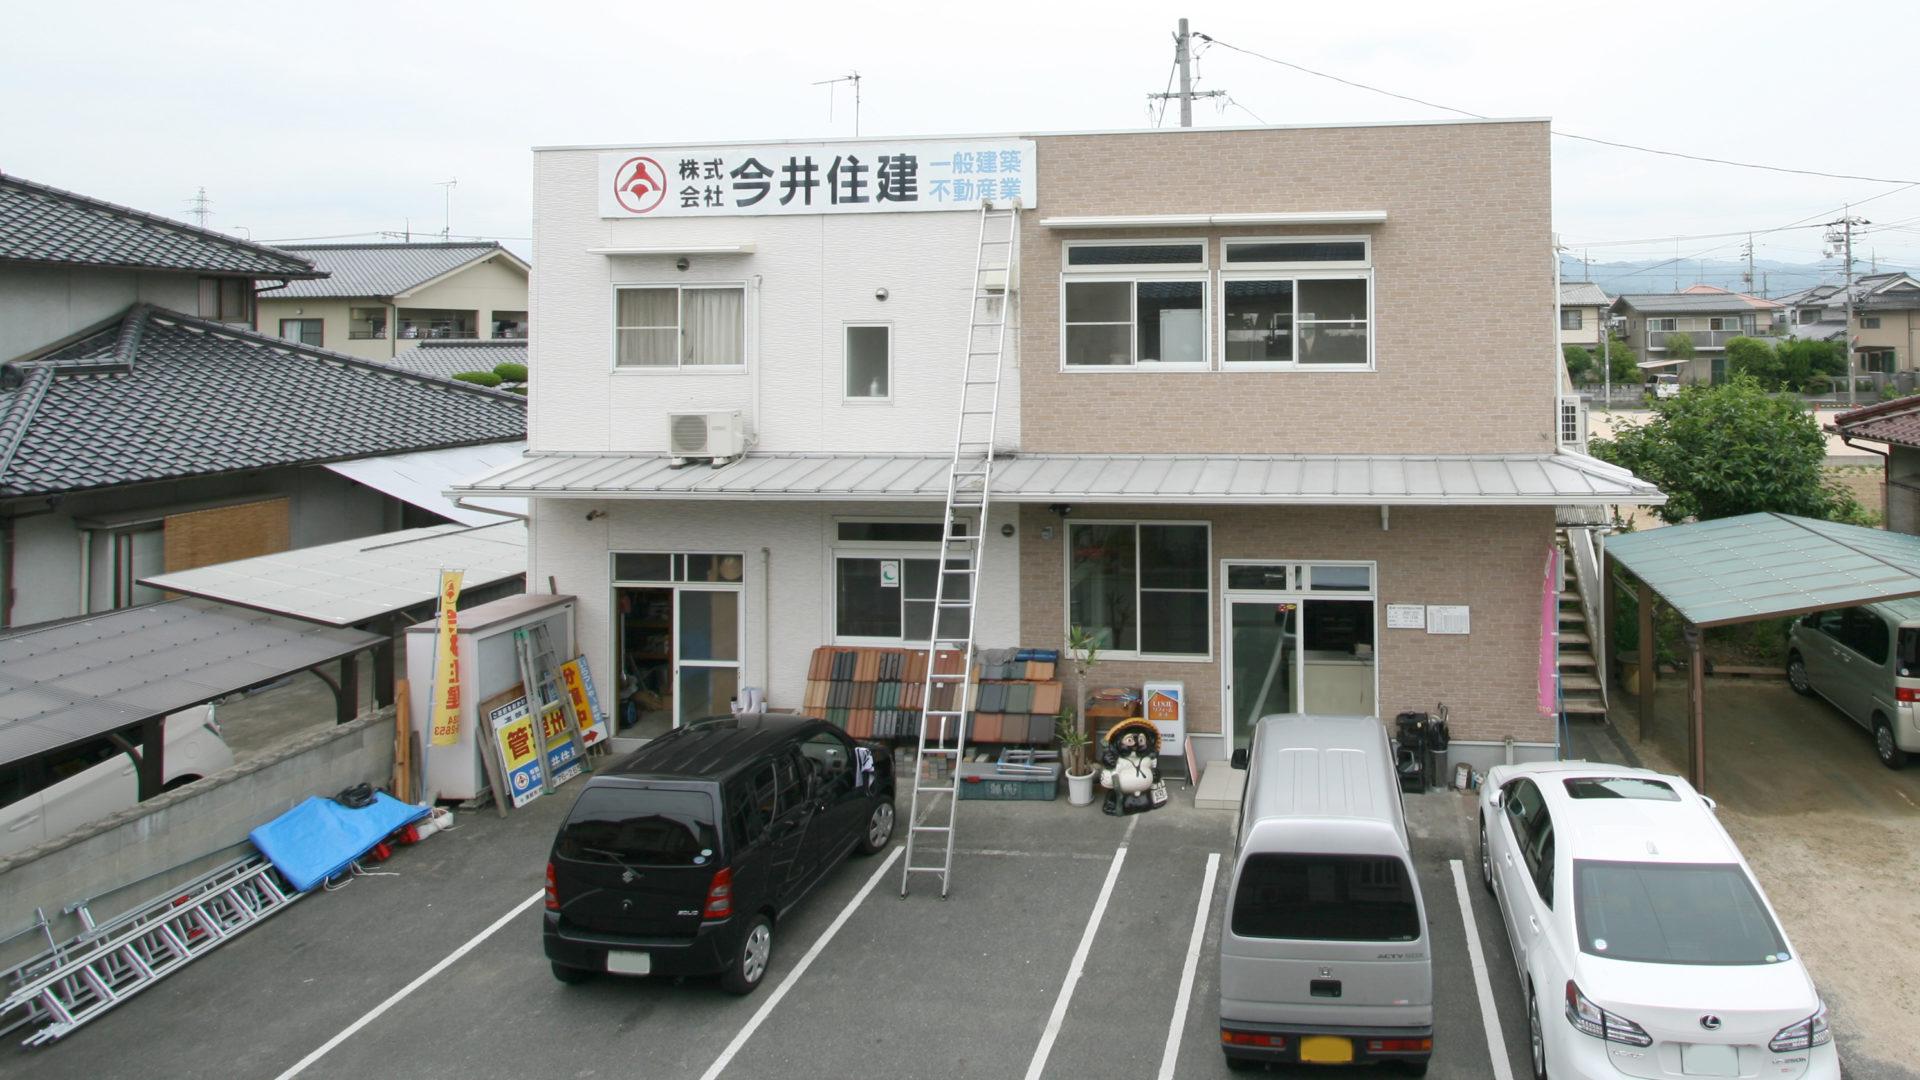 株式会社今井住建の事務所・プレカット工場の本社・事務所のイメージ1